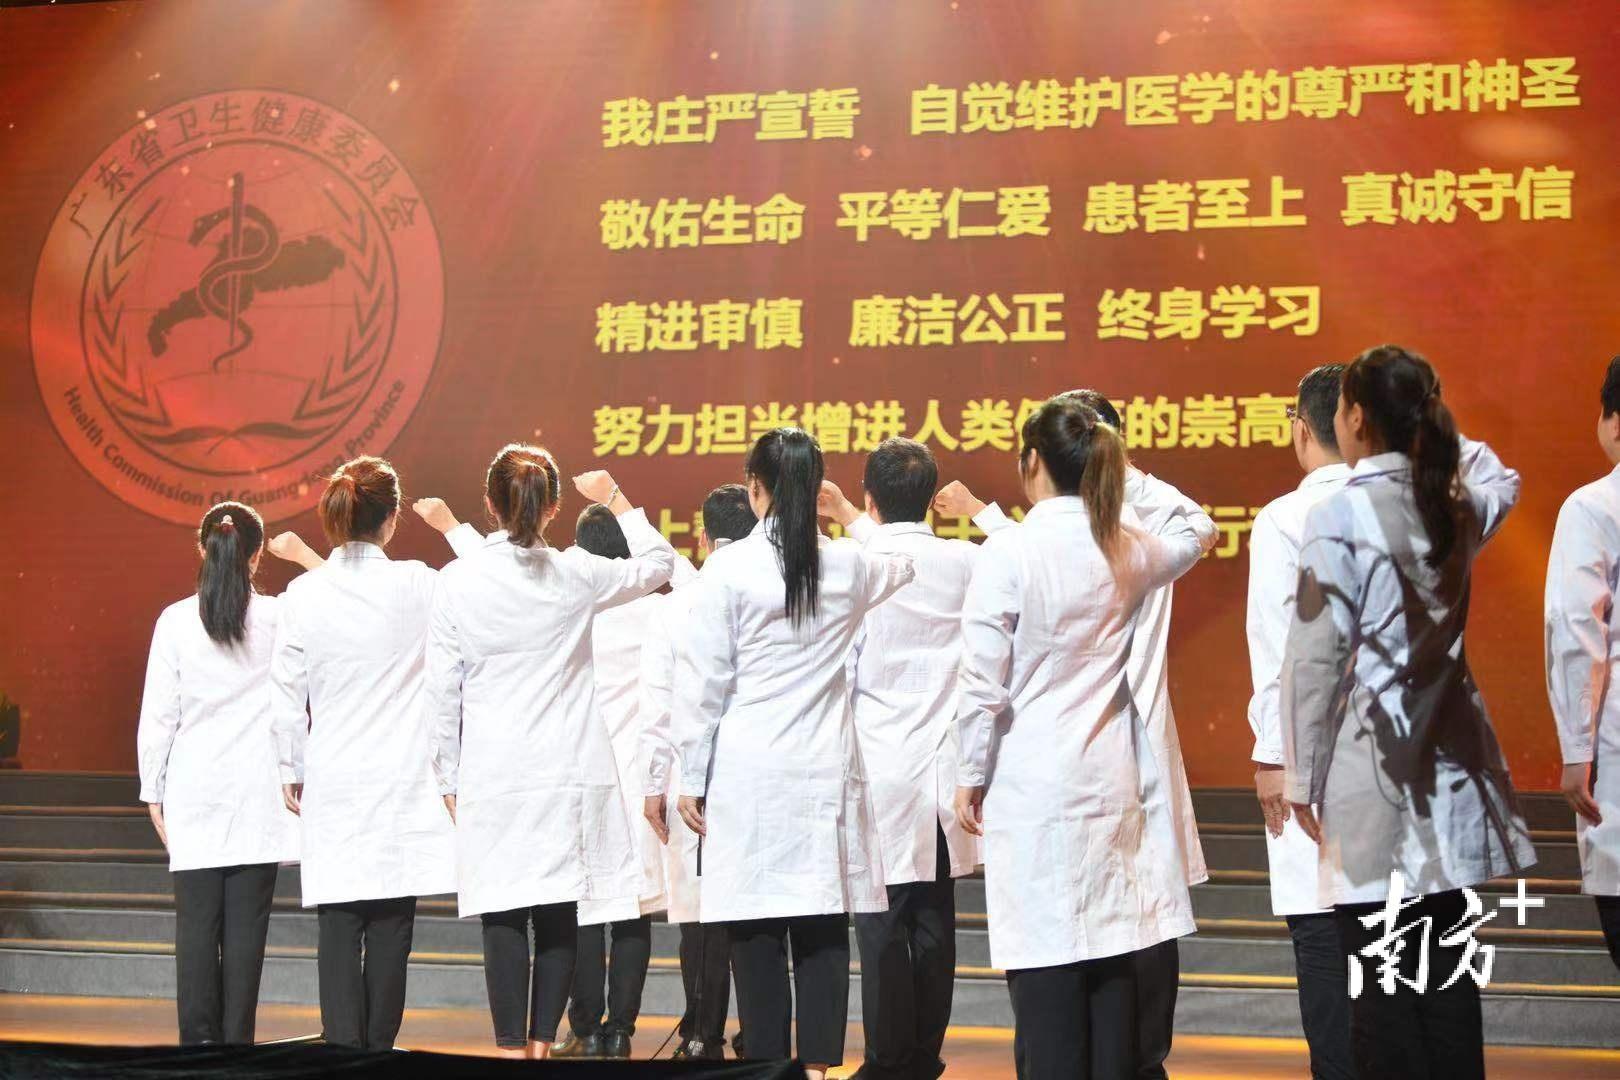 医护人员重温《中国医师誓言》 南方+ 徐昊 拍摄